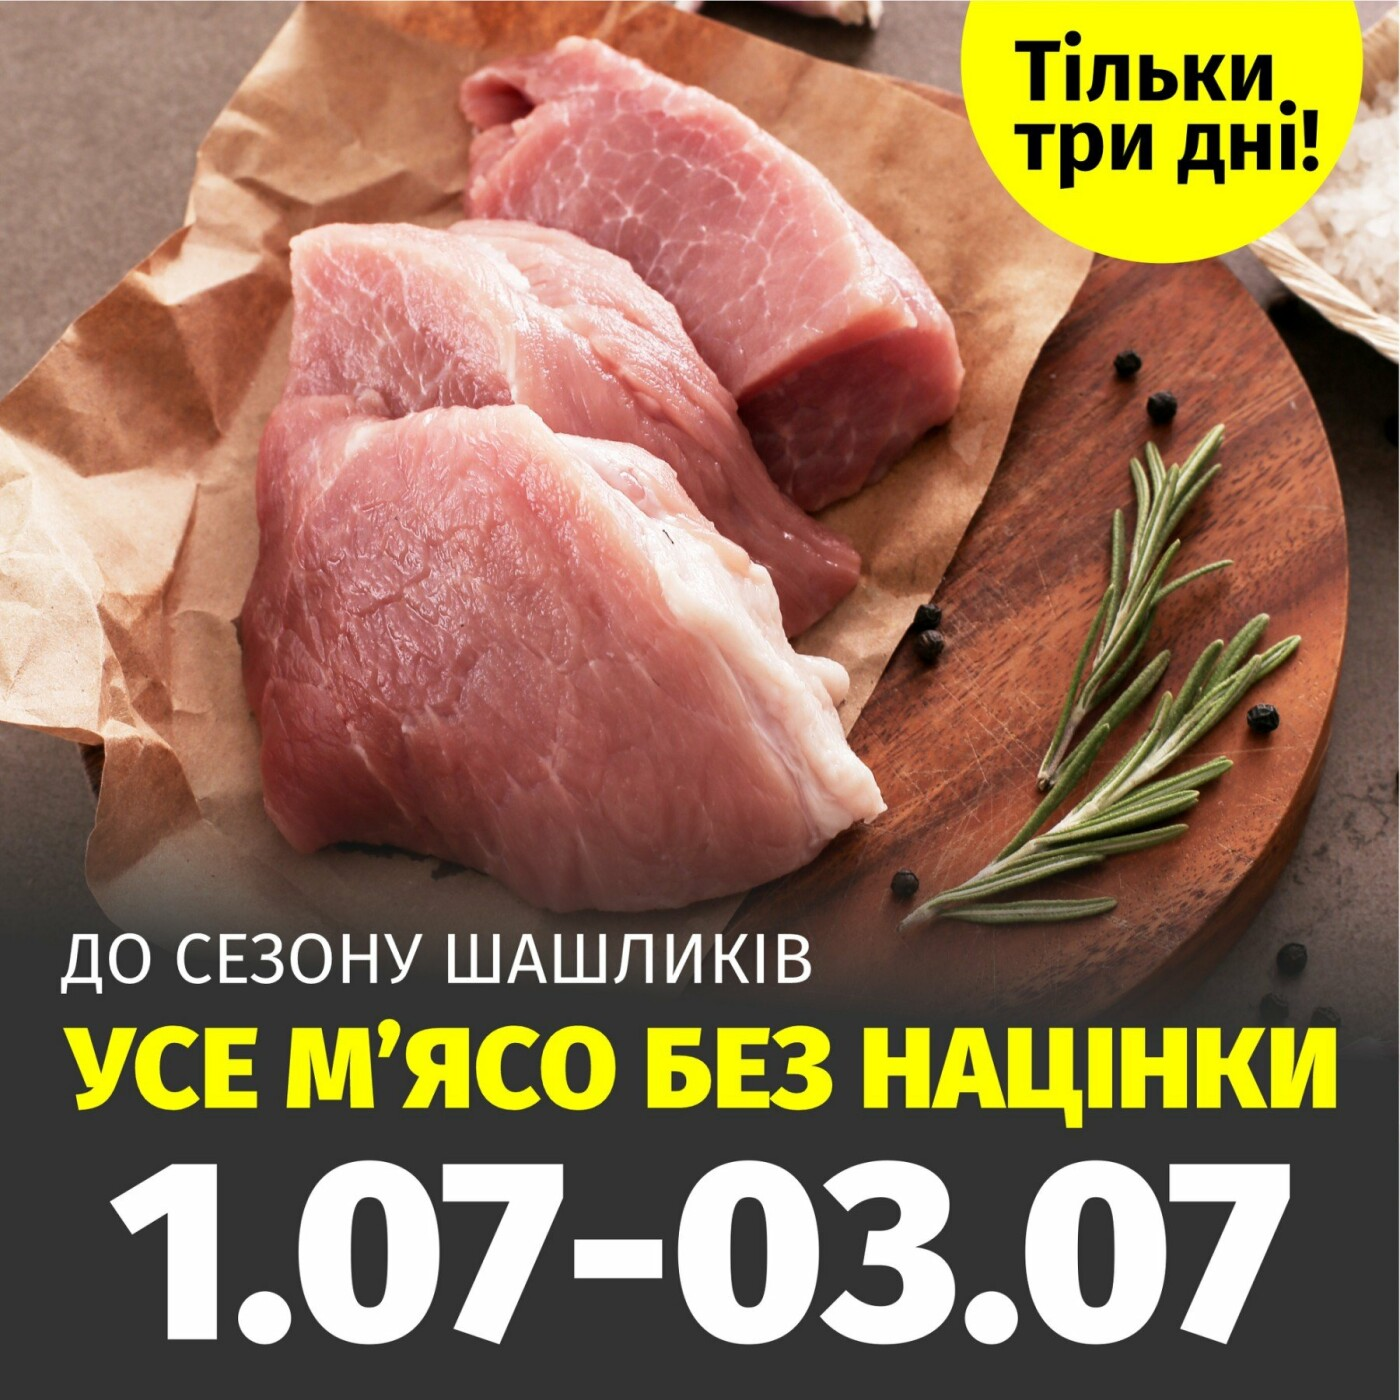 Тільки три дні! М'ясо БЕЗ НАЦІНКИ у ZЕРКАЛЬНИЙ!, фото-1